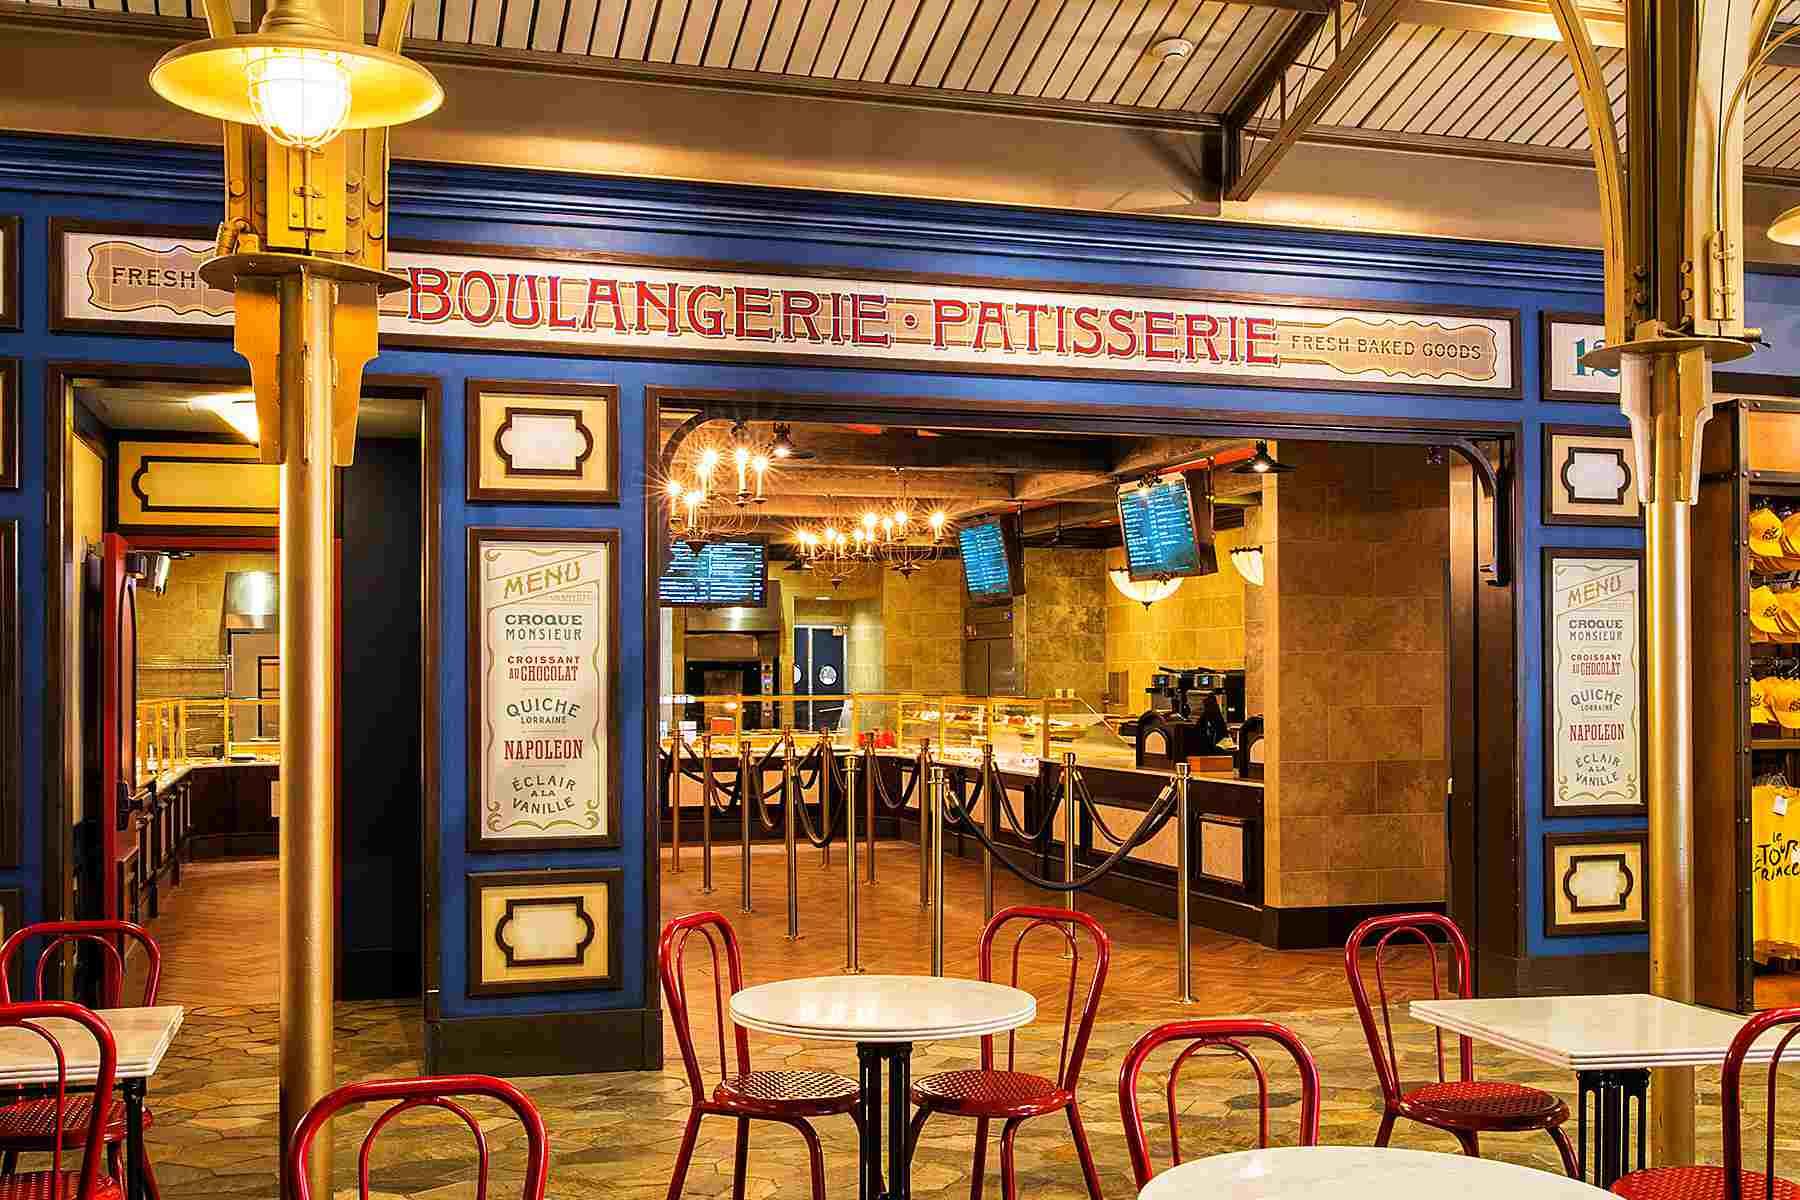 Les Halles Boulangerie-Patisserie